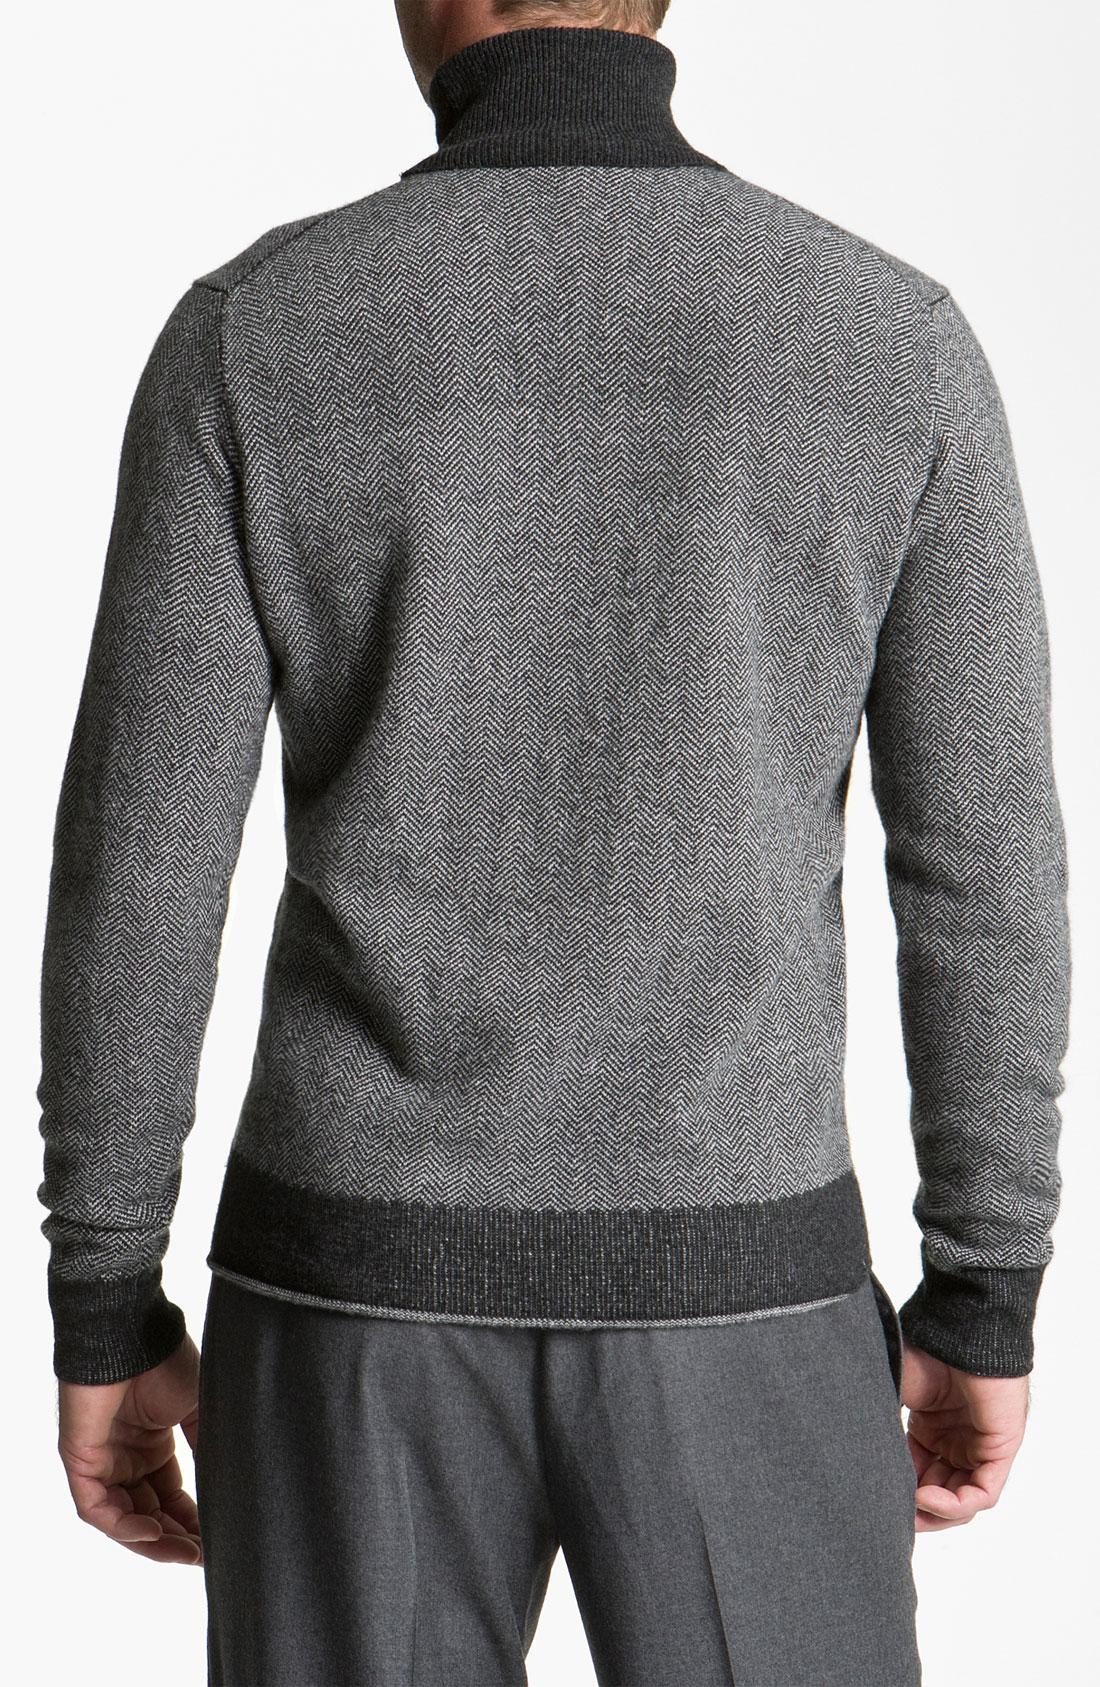 Merino Wool Sweater Men